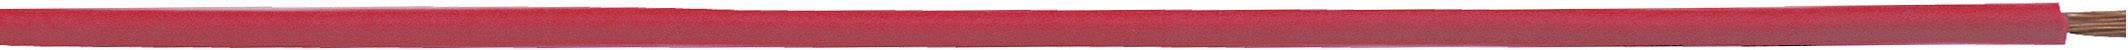 Opletenie / lanko LappKabel 4510123S H05V-K, 1 x 1 mm², vonkajší Ø 2.80 mm, 250 m, zelená